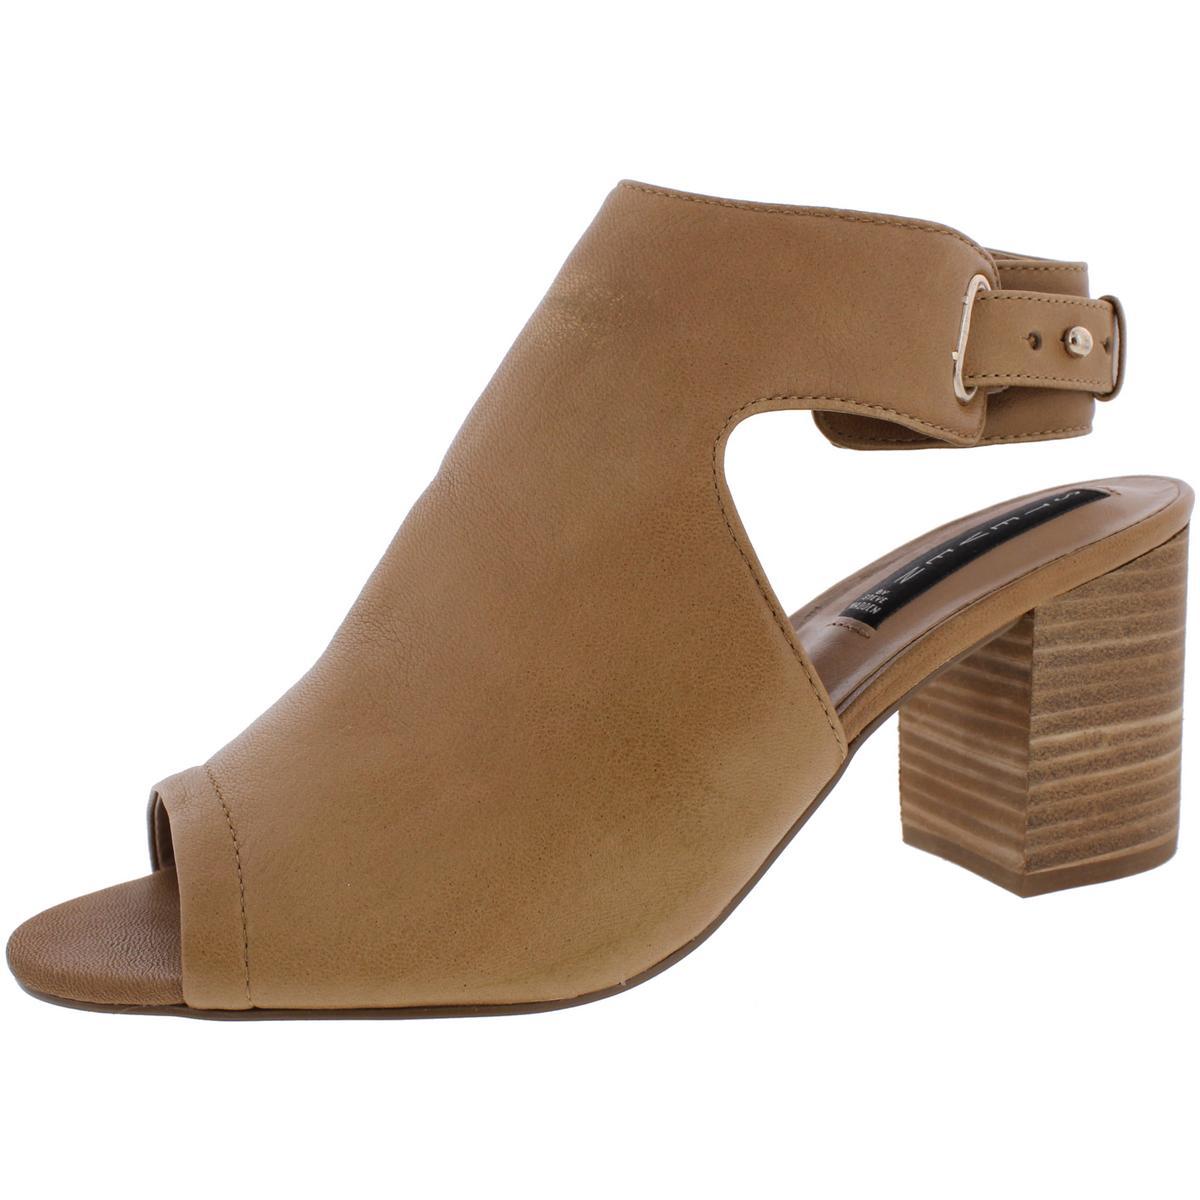 37f55aabd1f Steven By Steve Madden Womens Venuz Tan Dress Sandals 9.5 Medium (B ...